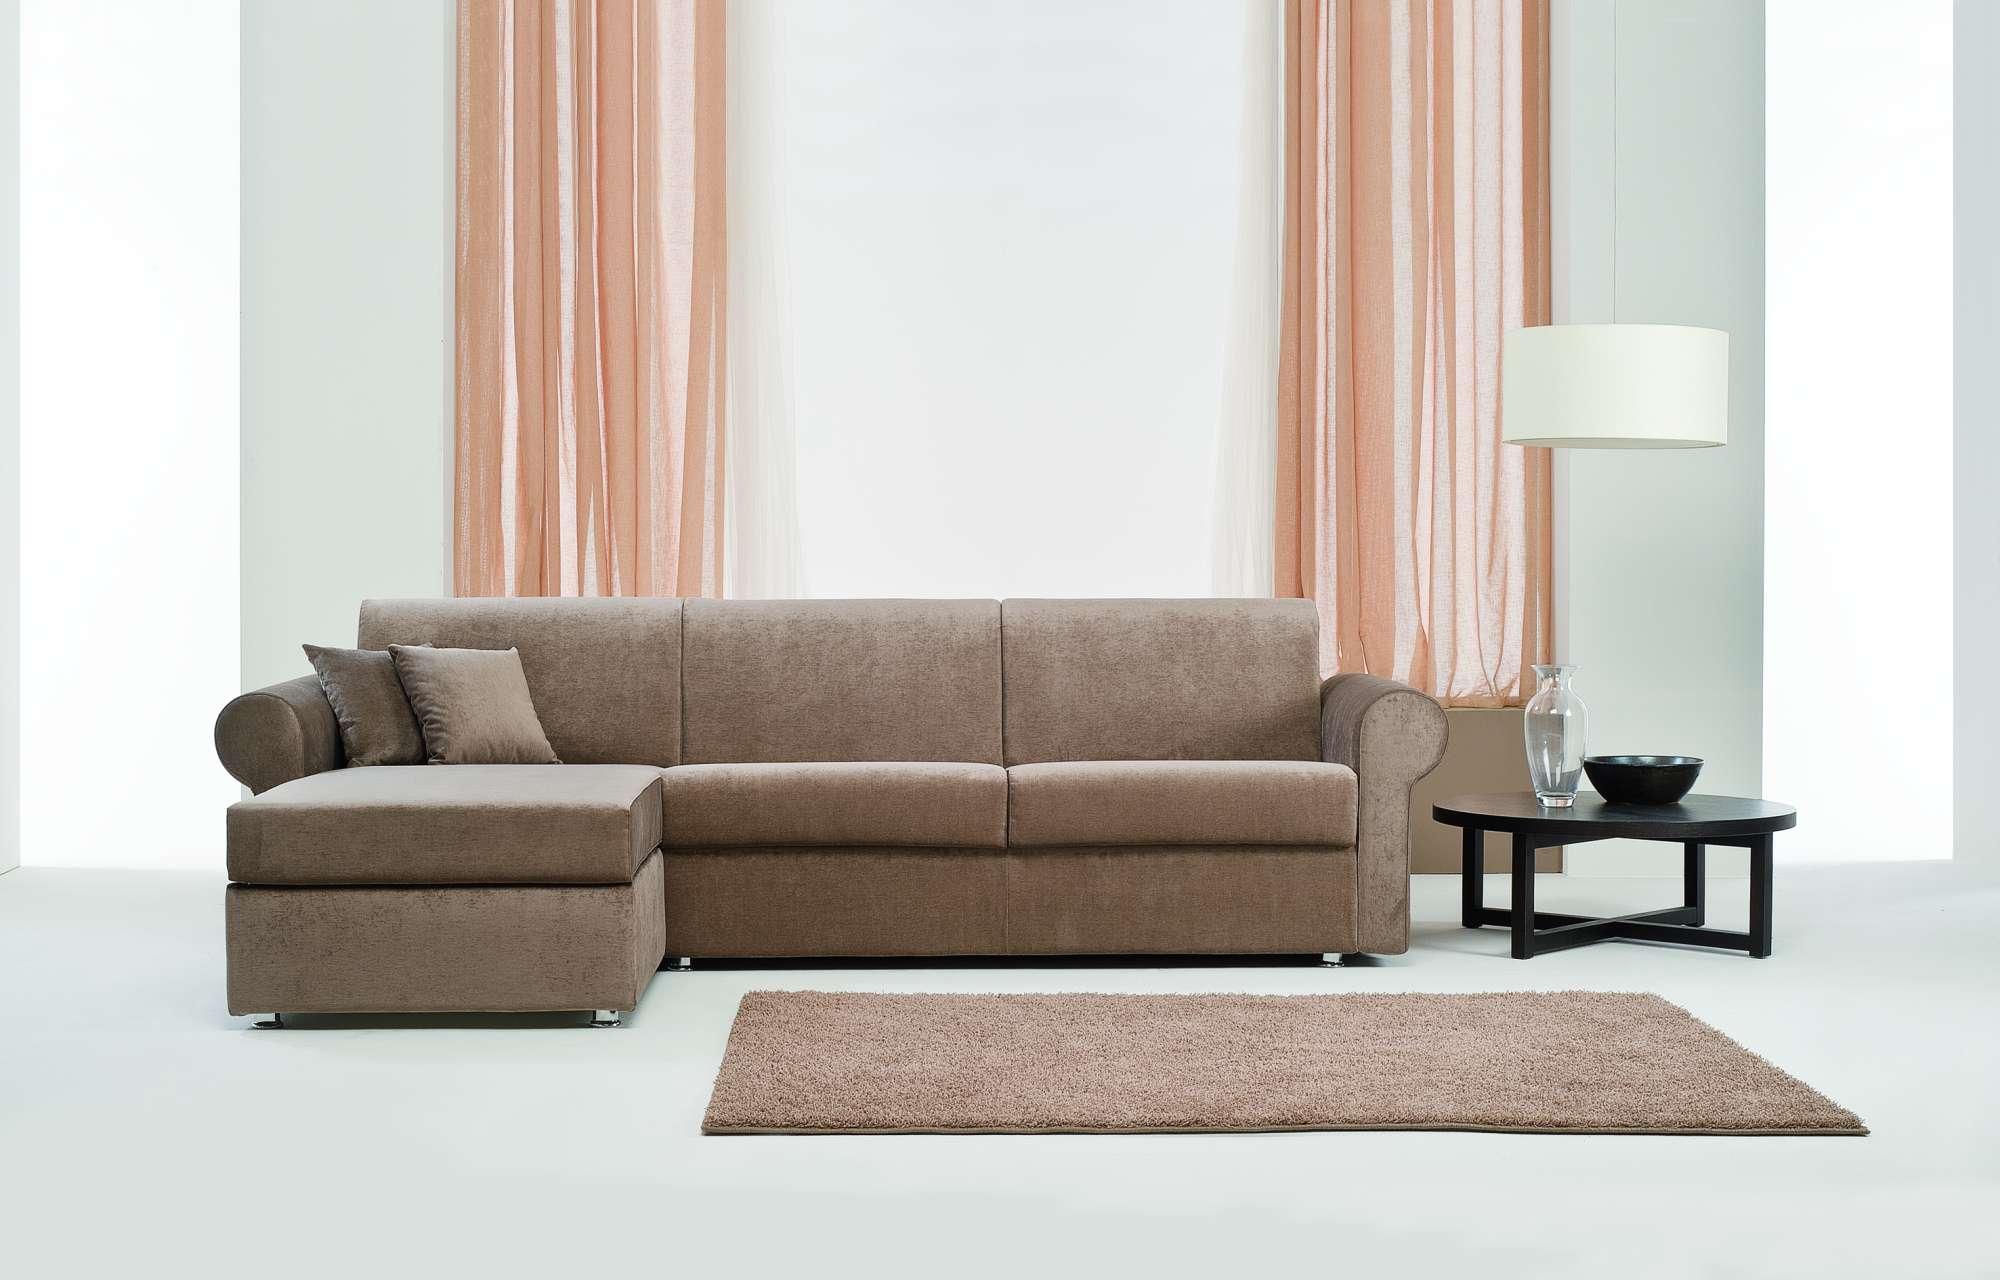 Sinfony divani letto con chaise longue collezione moderni - Divani letto con chaise longue ...